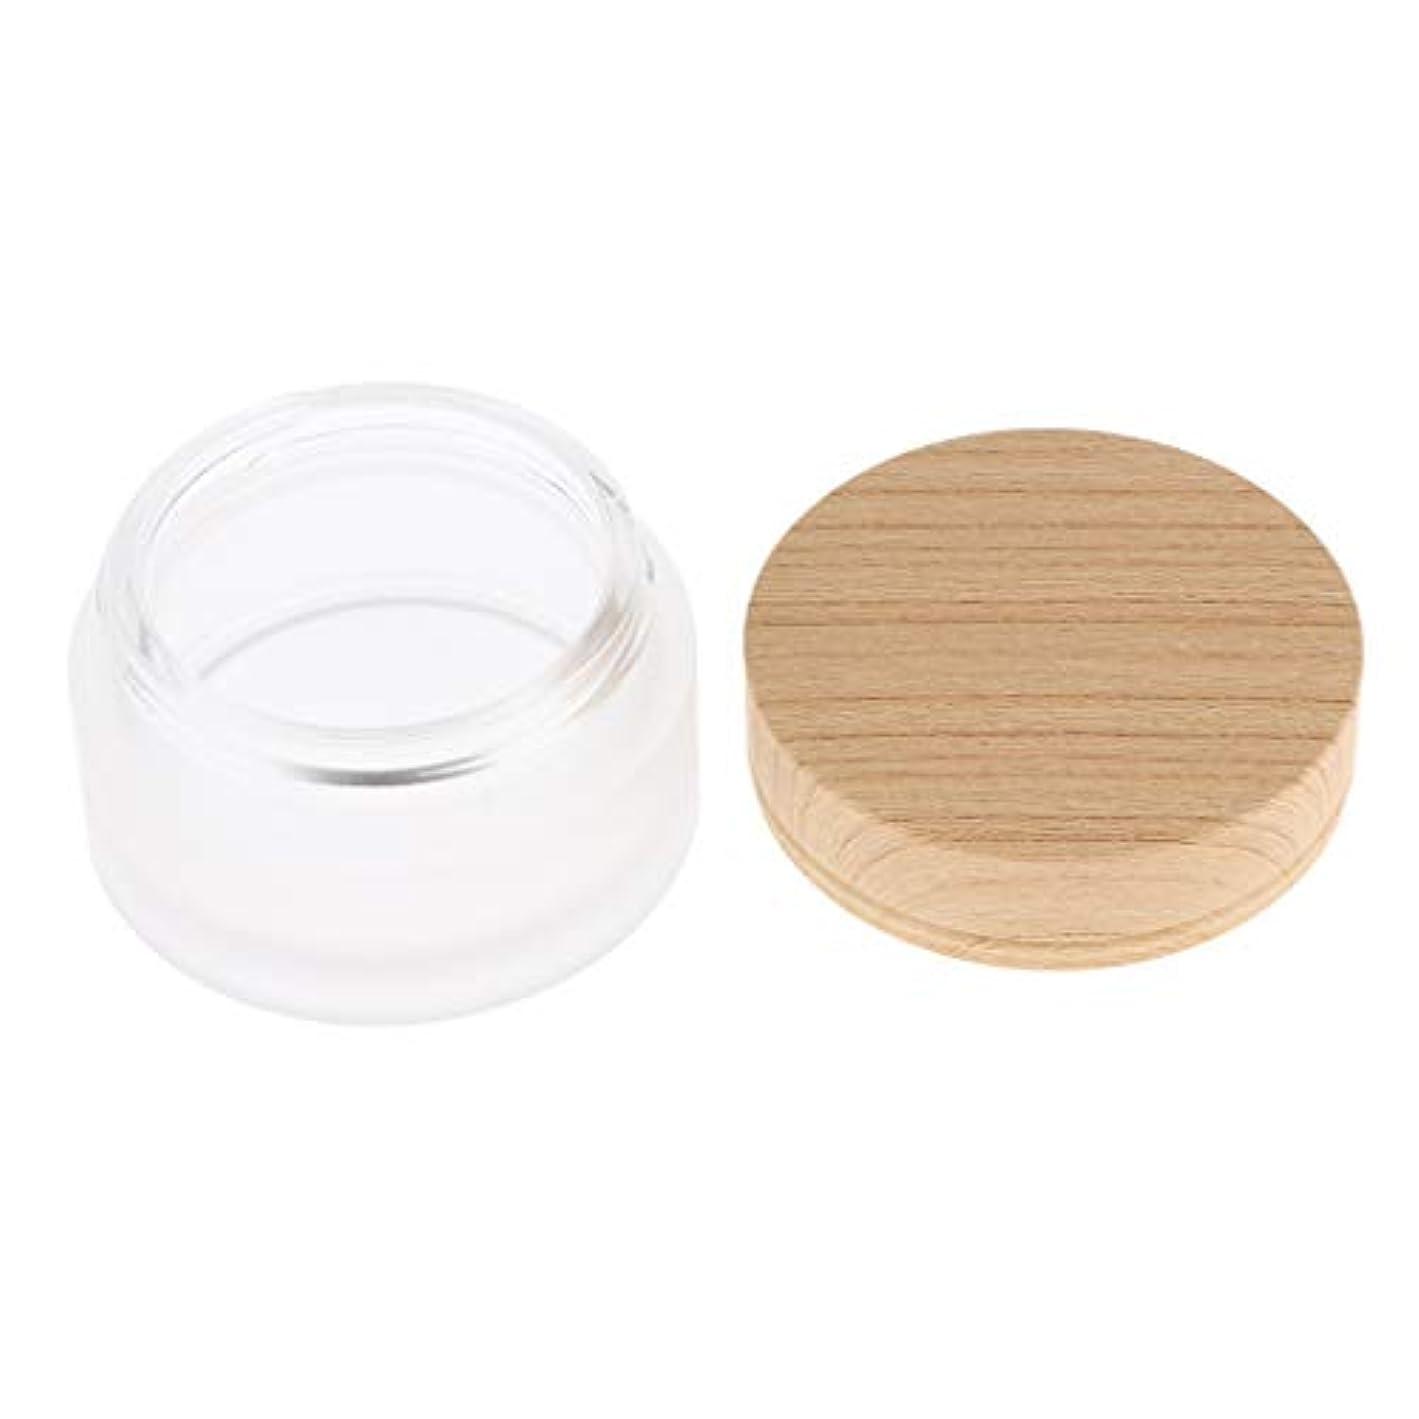 無視固めるチケット再利用可能なフェイスクリーム保湿剤化粧容器ポット化粧品瓶缶 - 30g